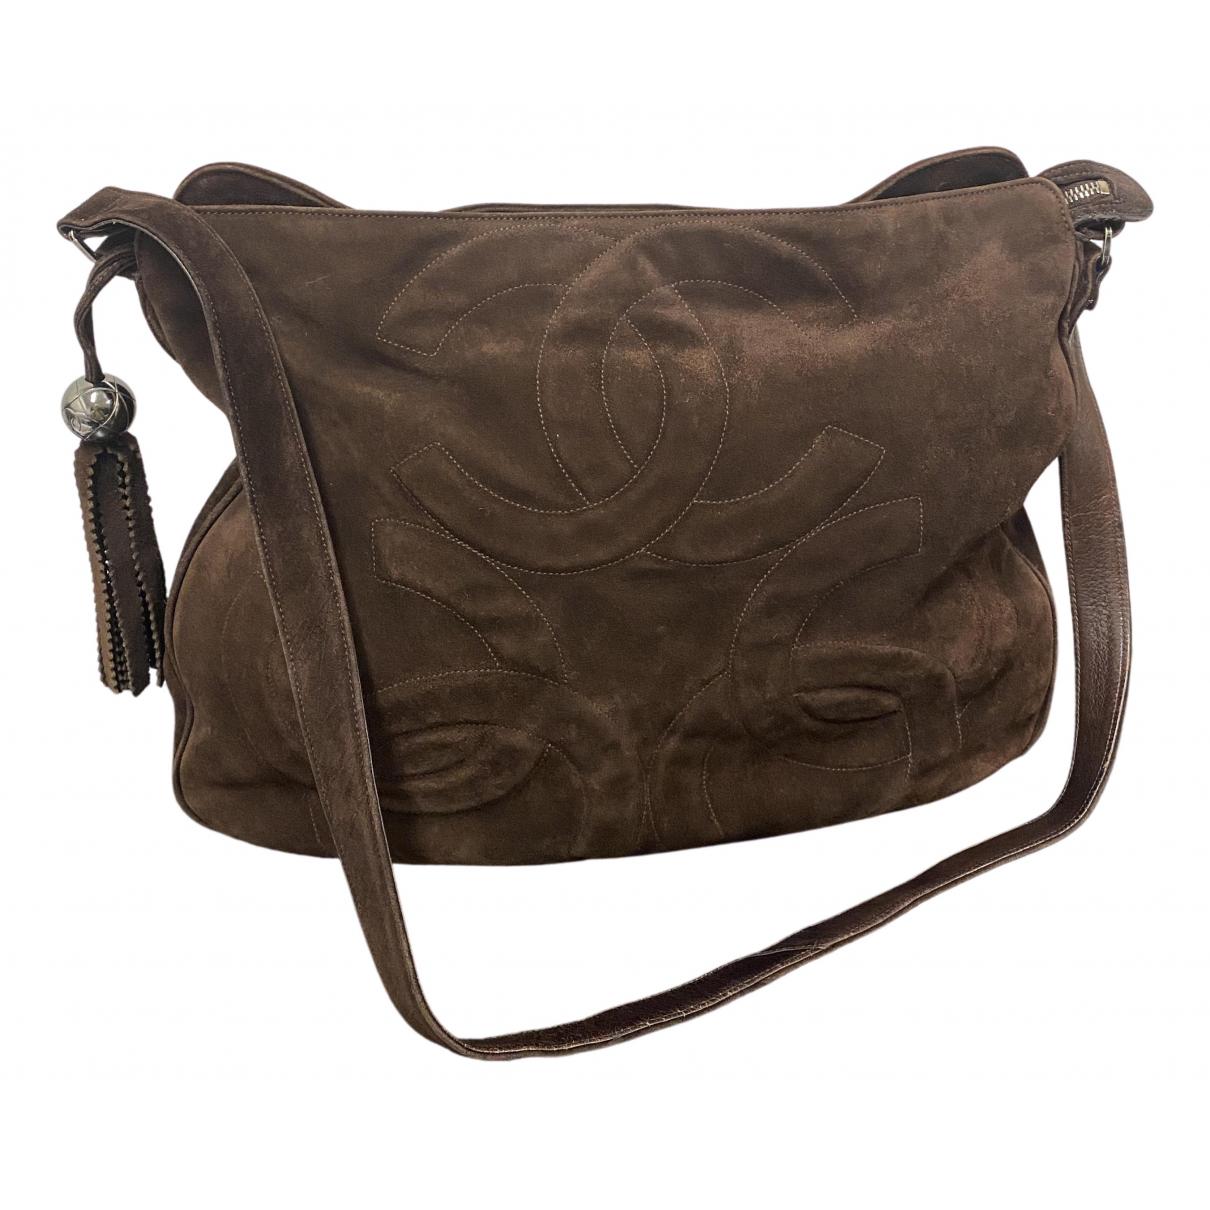 Chanel \N Handtasche in  Braun Veloursleder